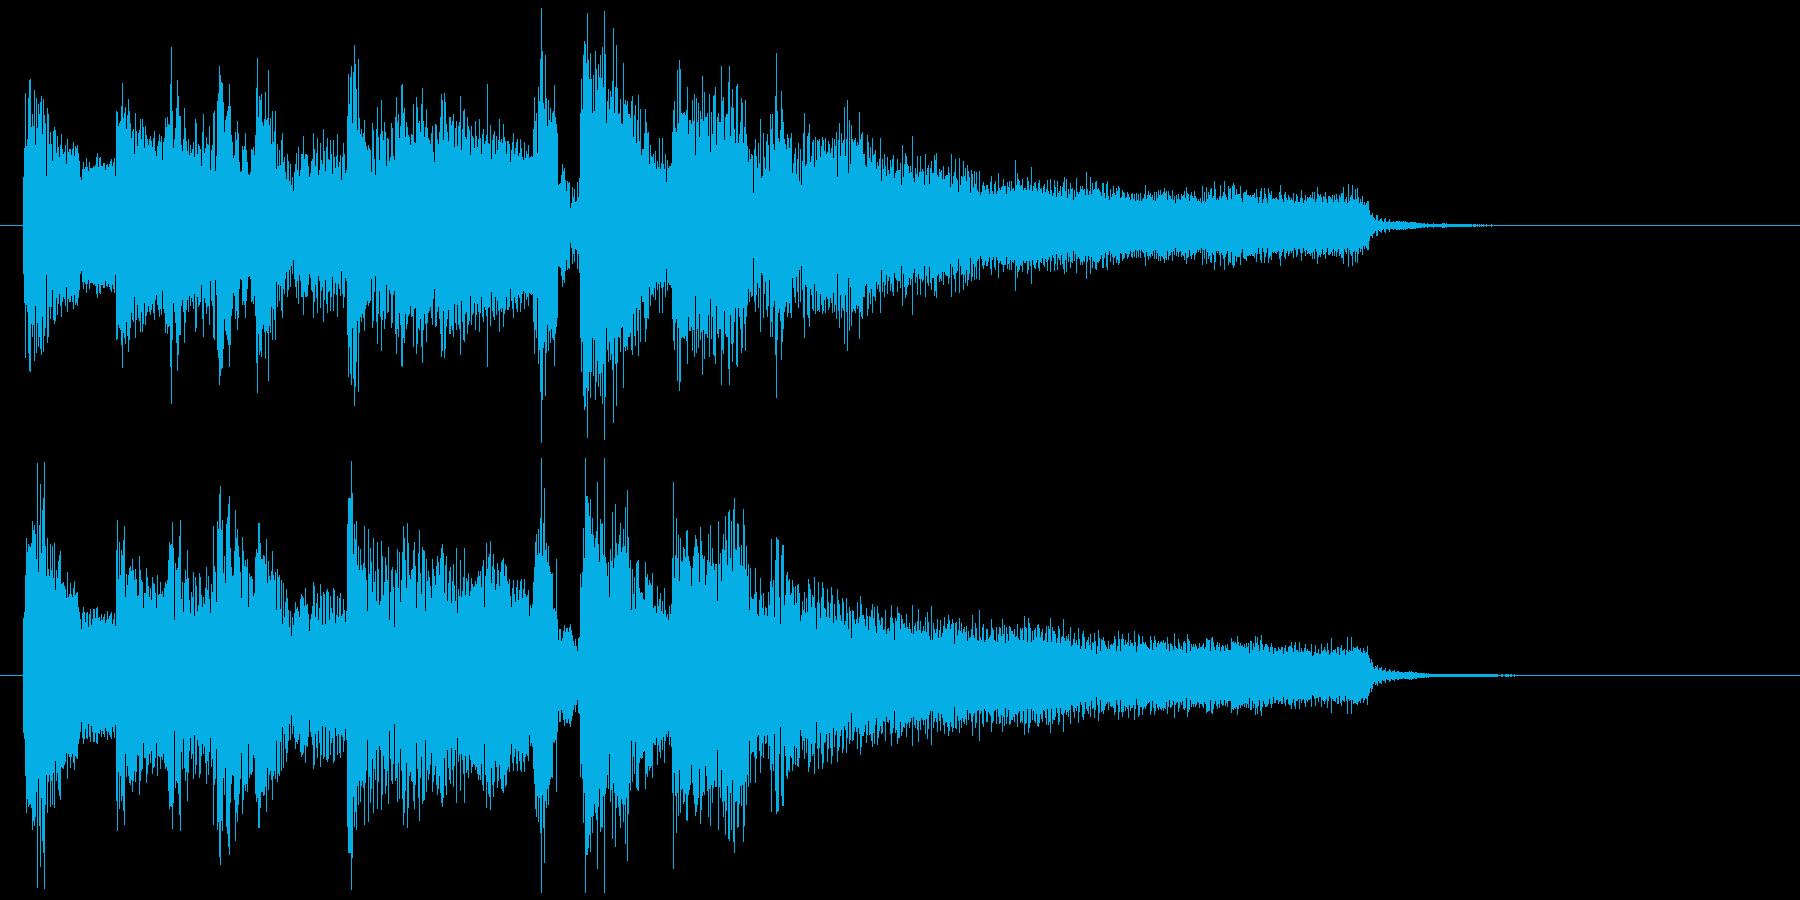 のびやかな笛のボサノバ・ジングル、切なさの再生済みの波形